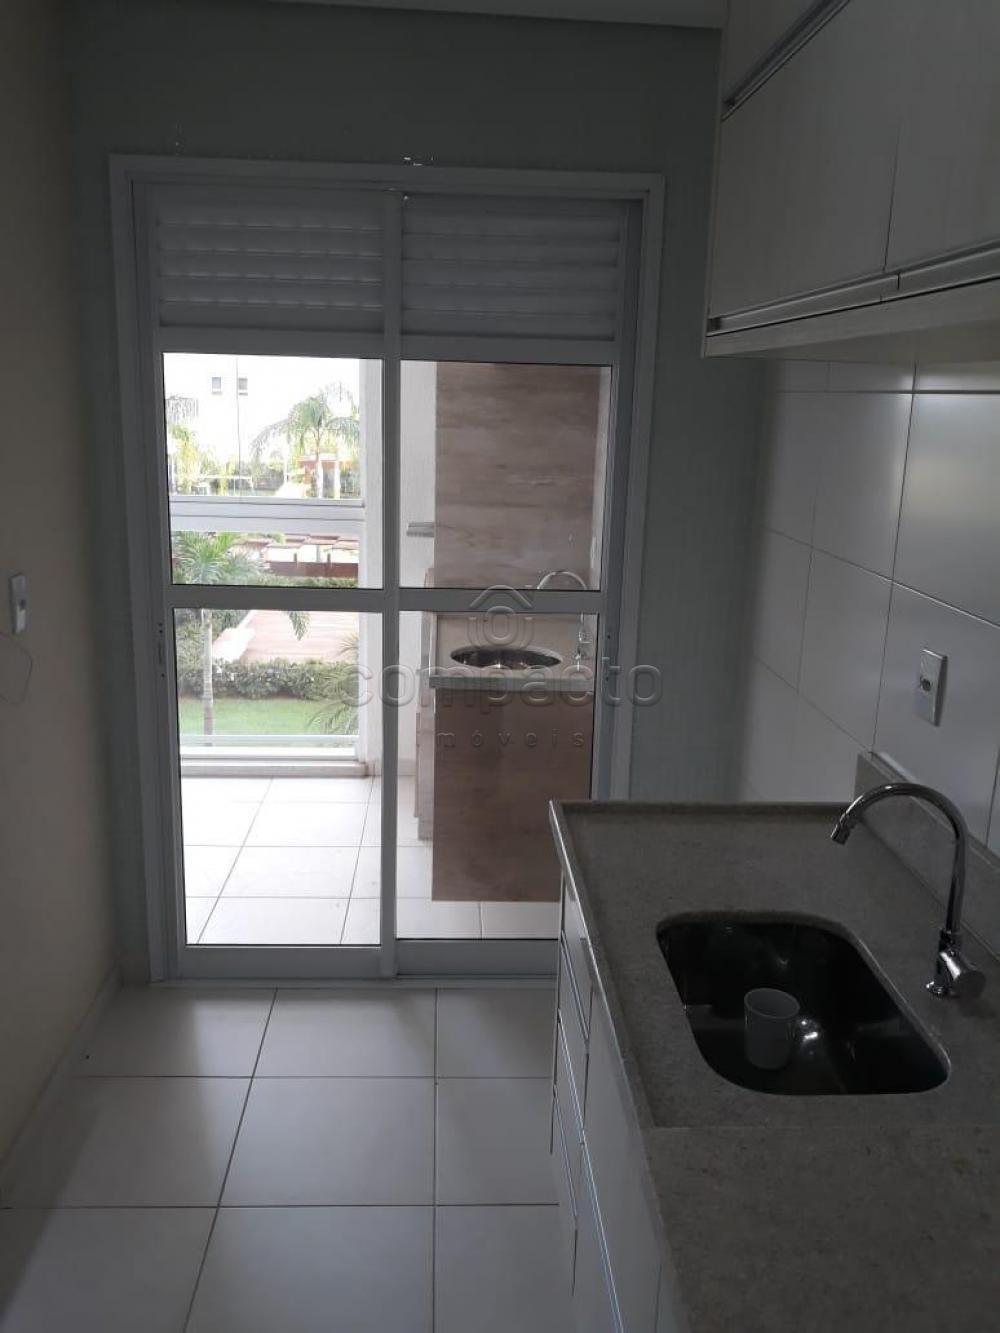 Alugar Apartamento / Padrão em São José do Rio Preto apenas R$ 2.650,00 - Foto 8